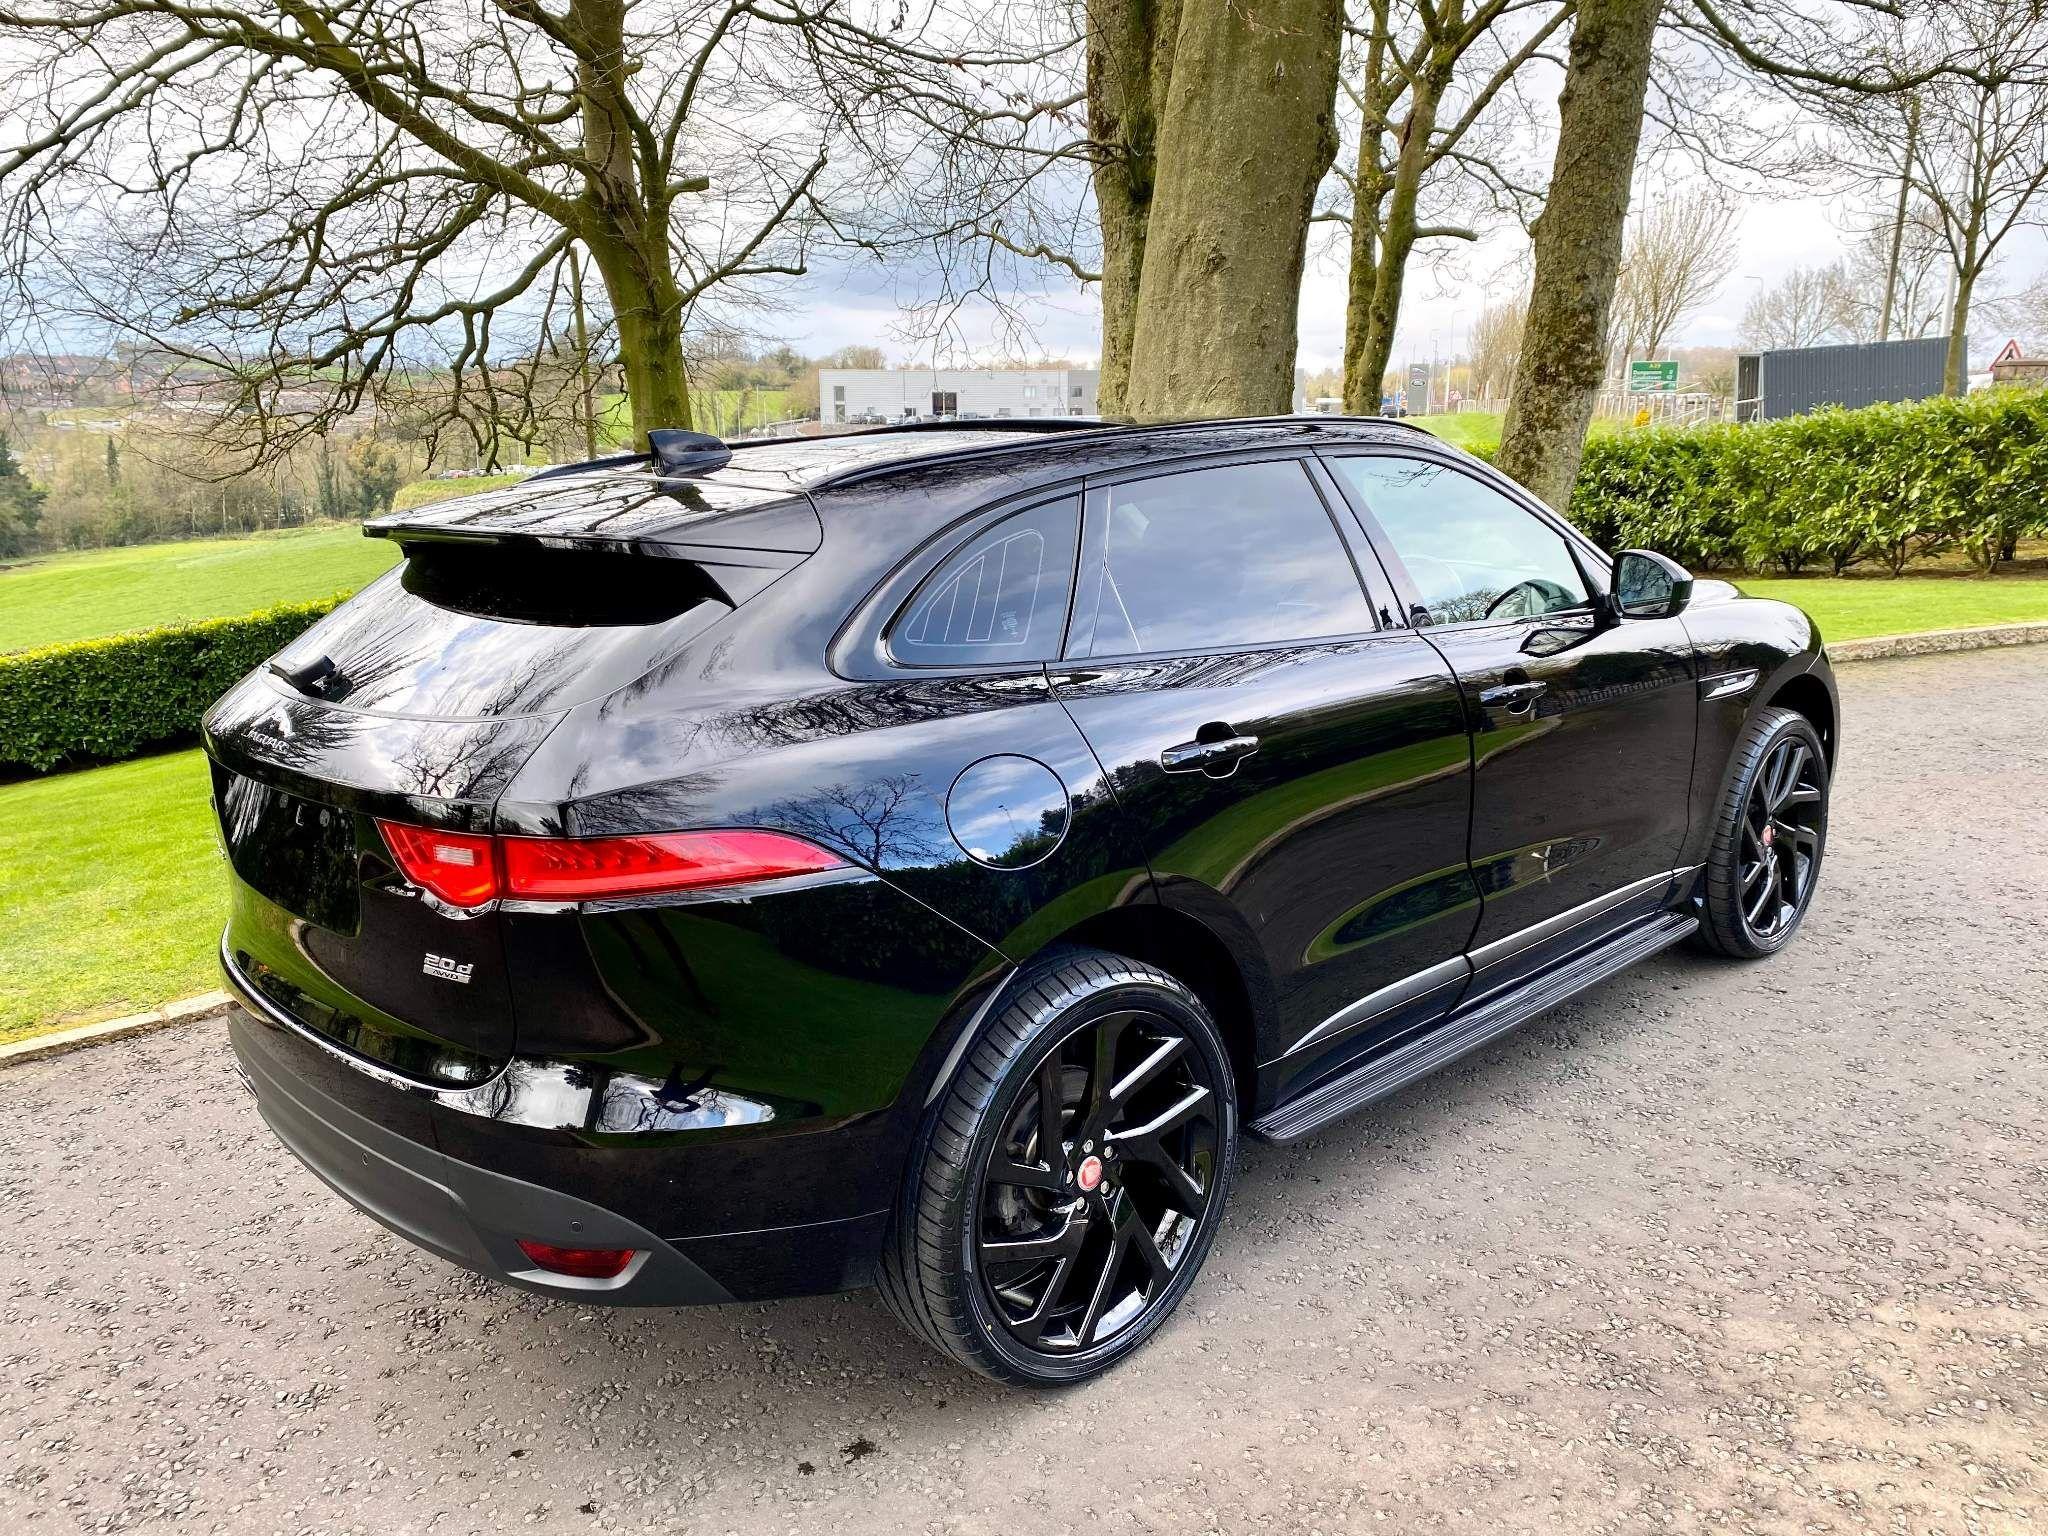 2016 Jaguar F-PACE 2.0d R-Sport Auto AWD (s/s) 5dr Diesel Automatic – Moyway Motors Dungannon full